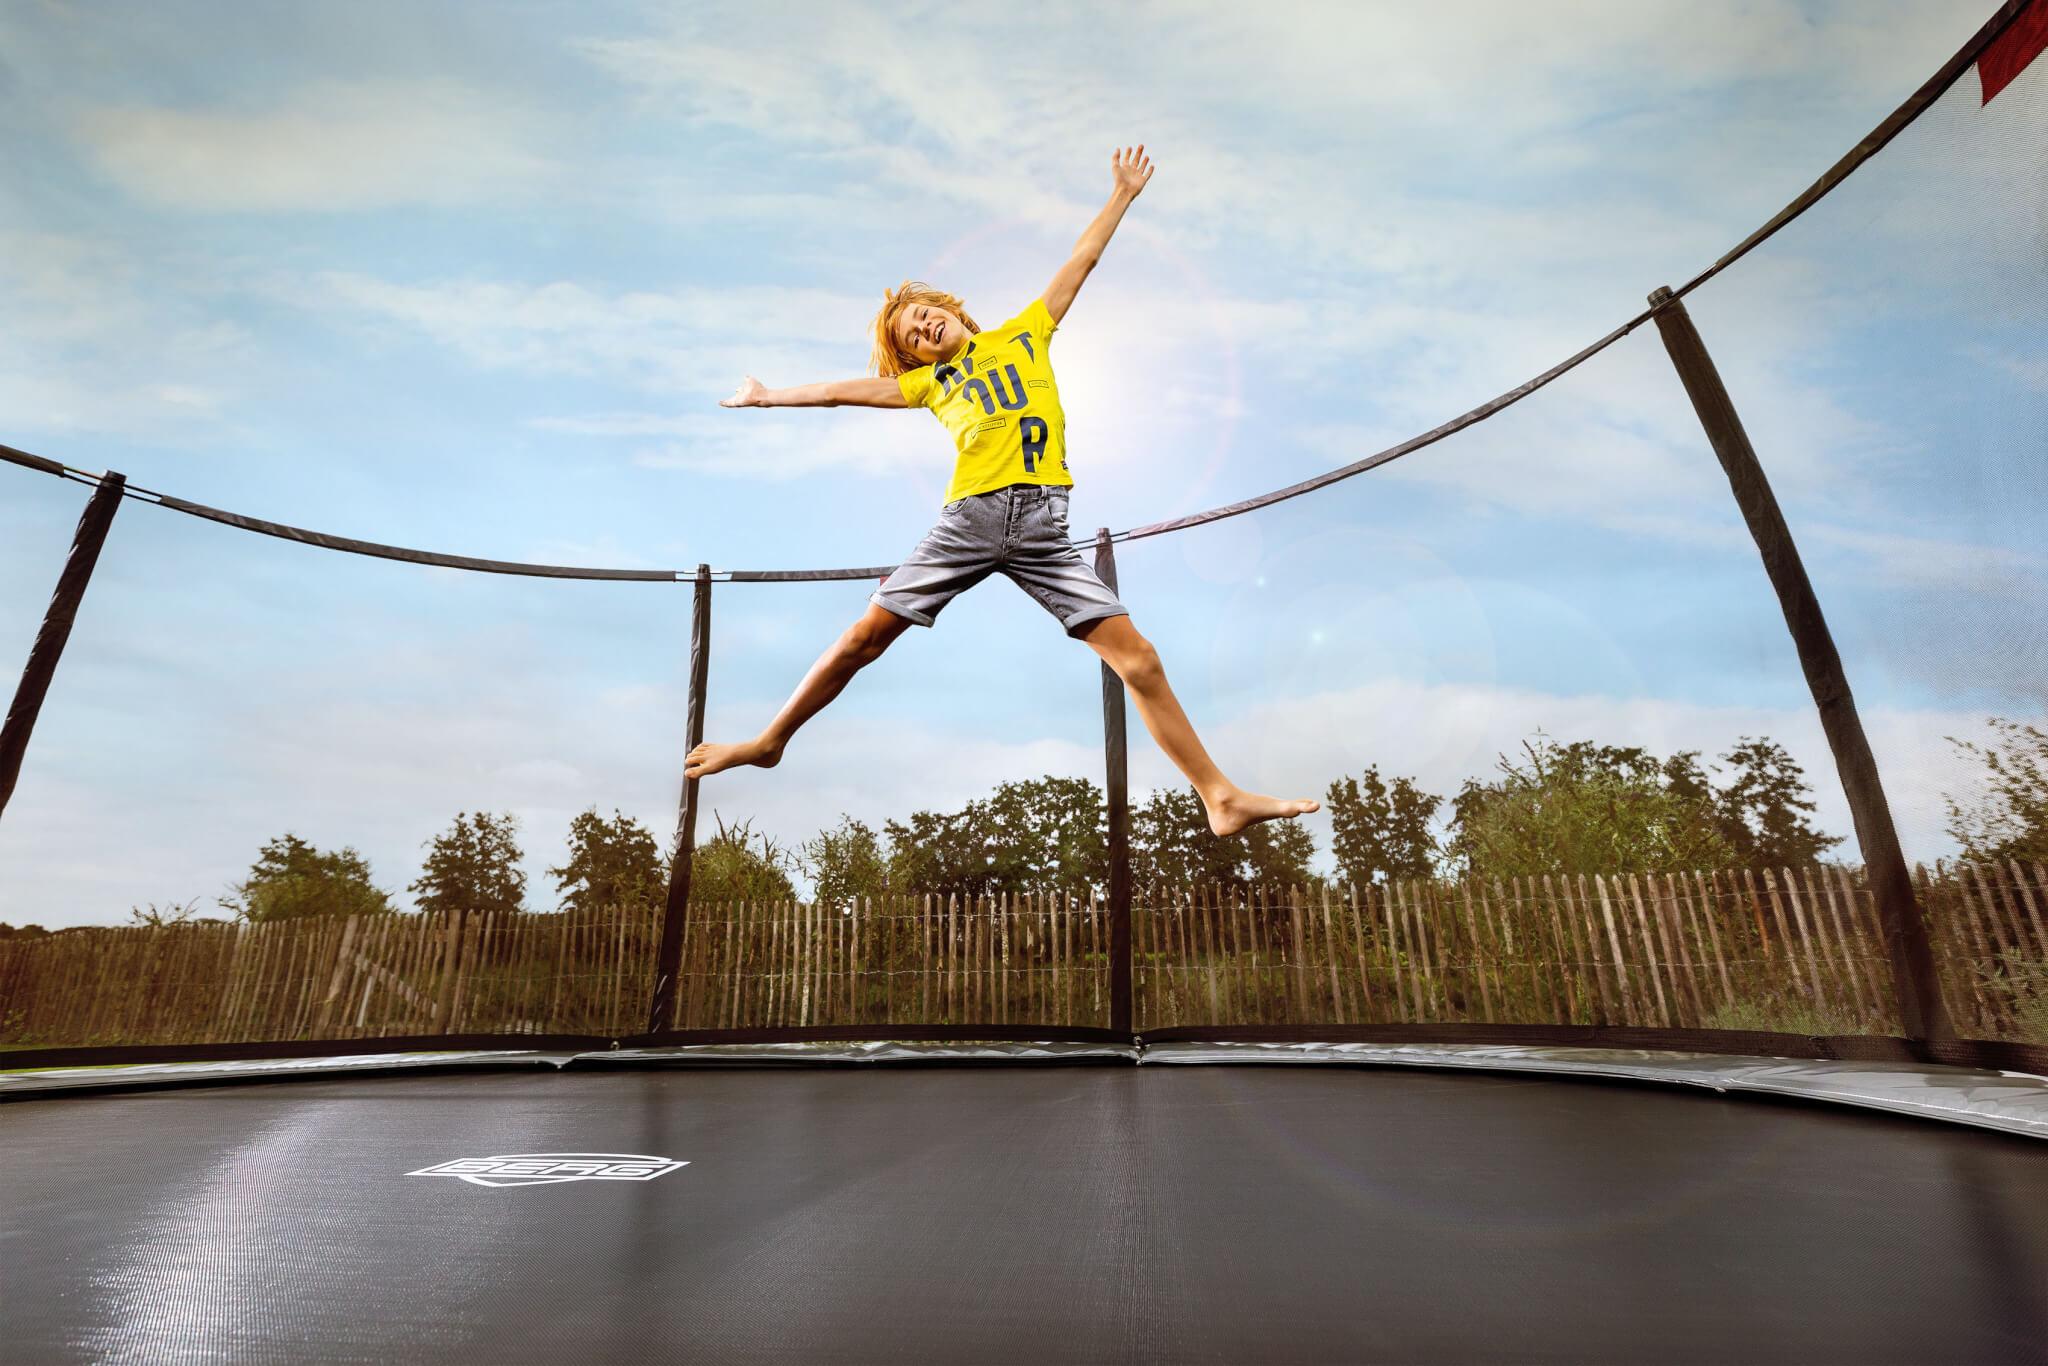 Sicherheit beim Trampolinspringen – so machen Sie alles richtig - Ratgeber trampolin-profi.de